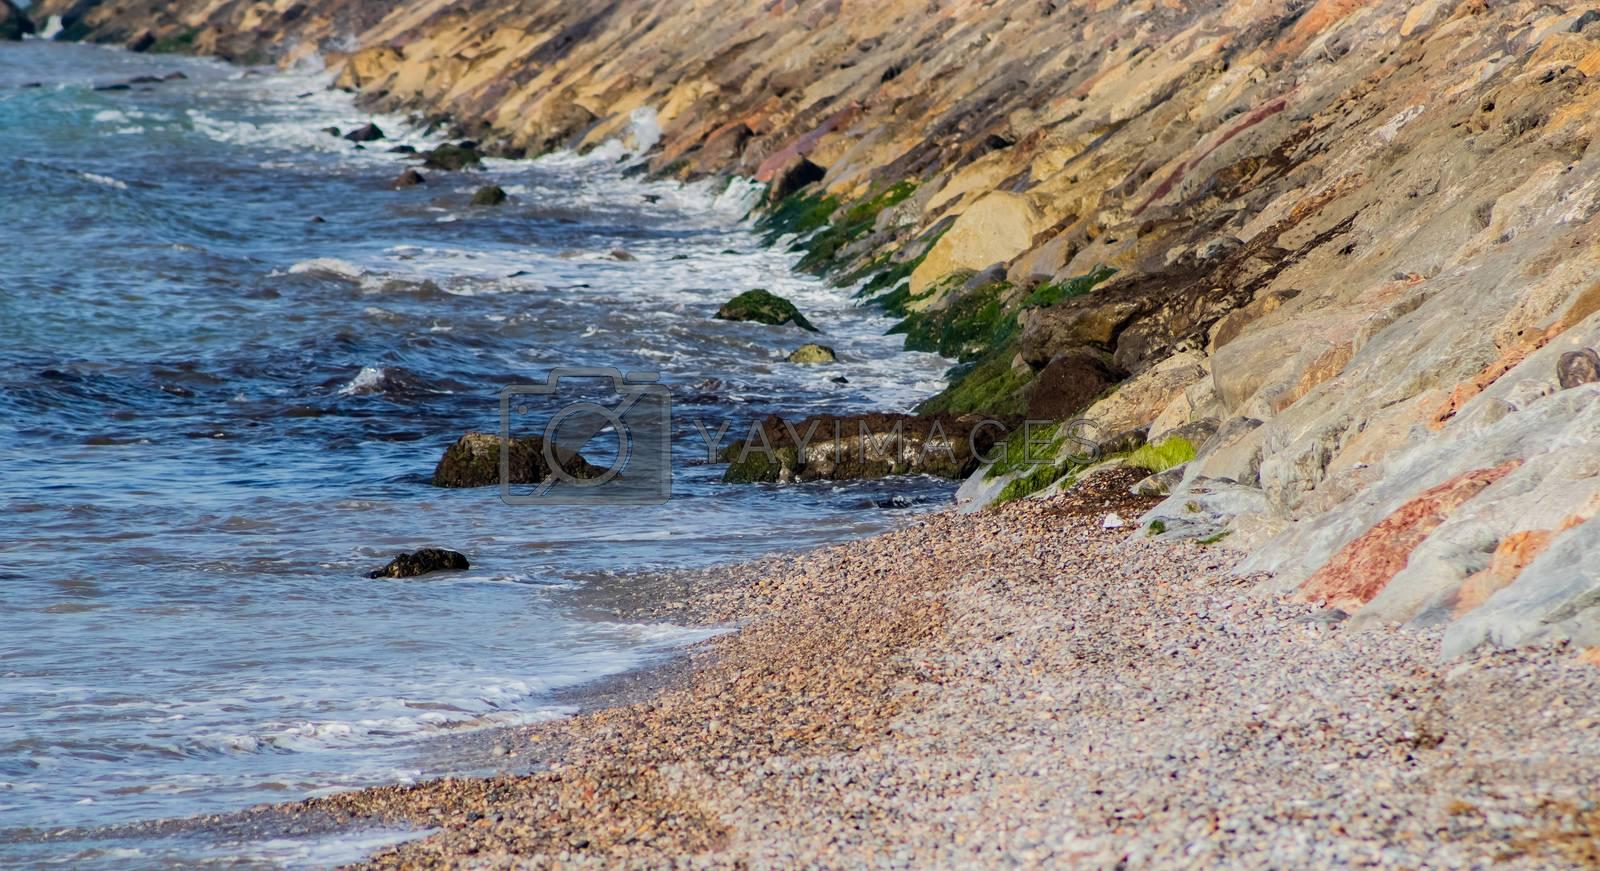 Breakwater of the Mediterranean coast of Burriana